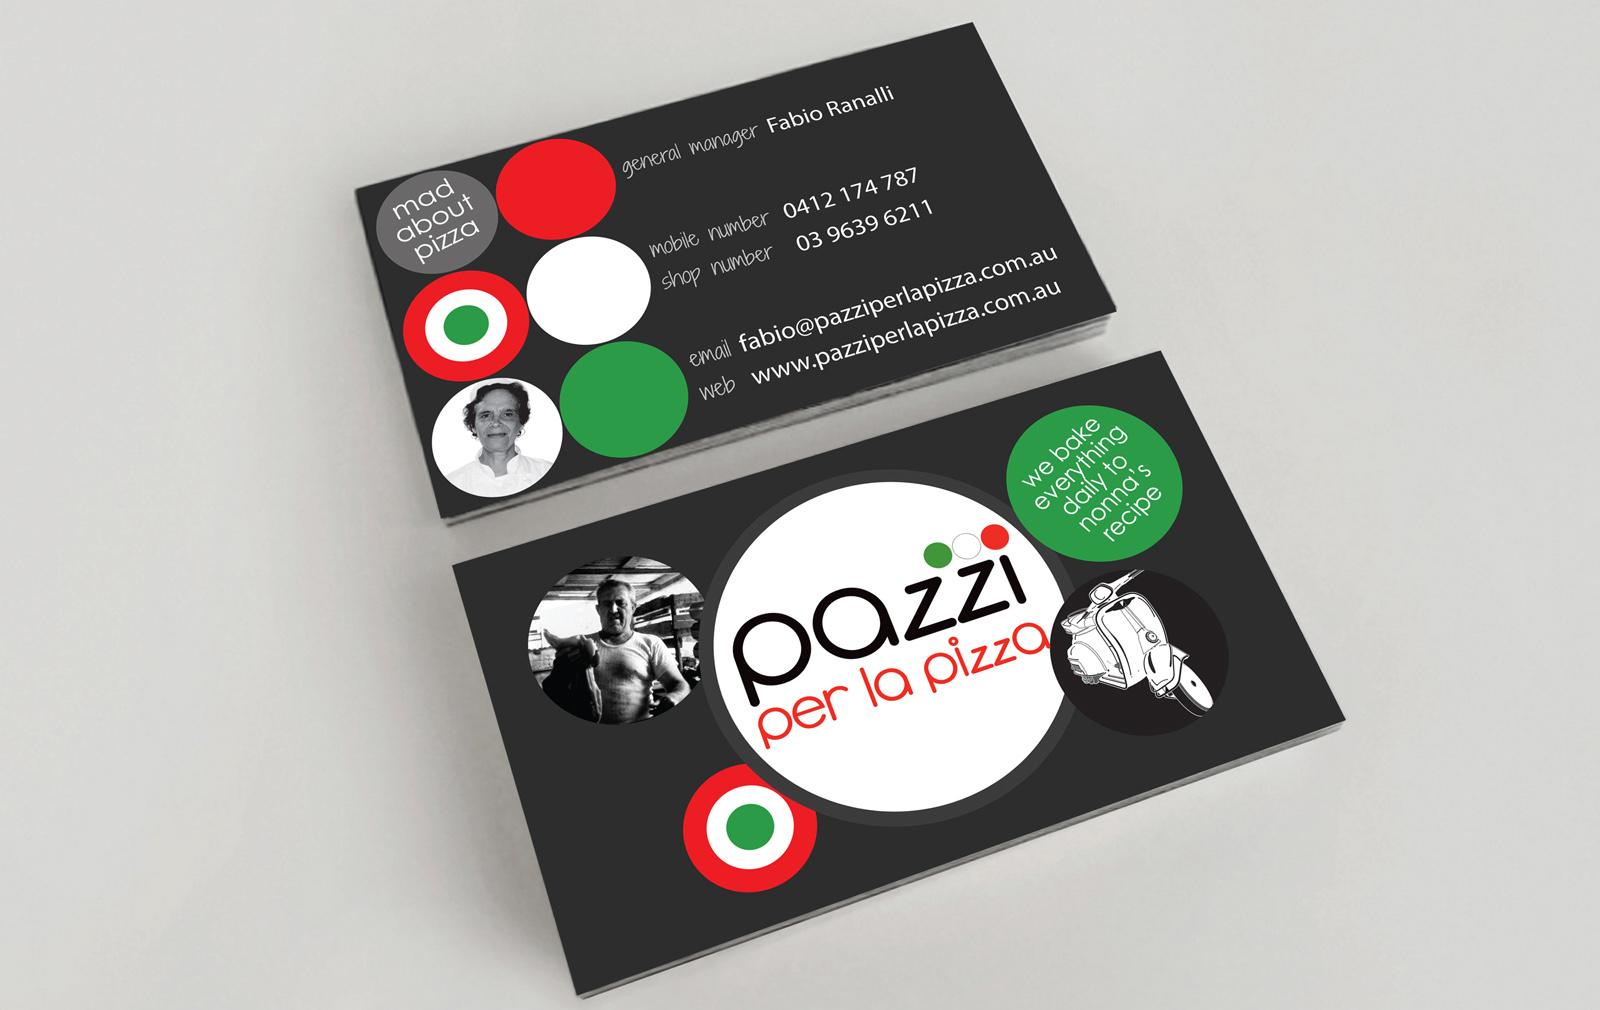 Pazzi_branding4